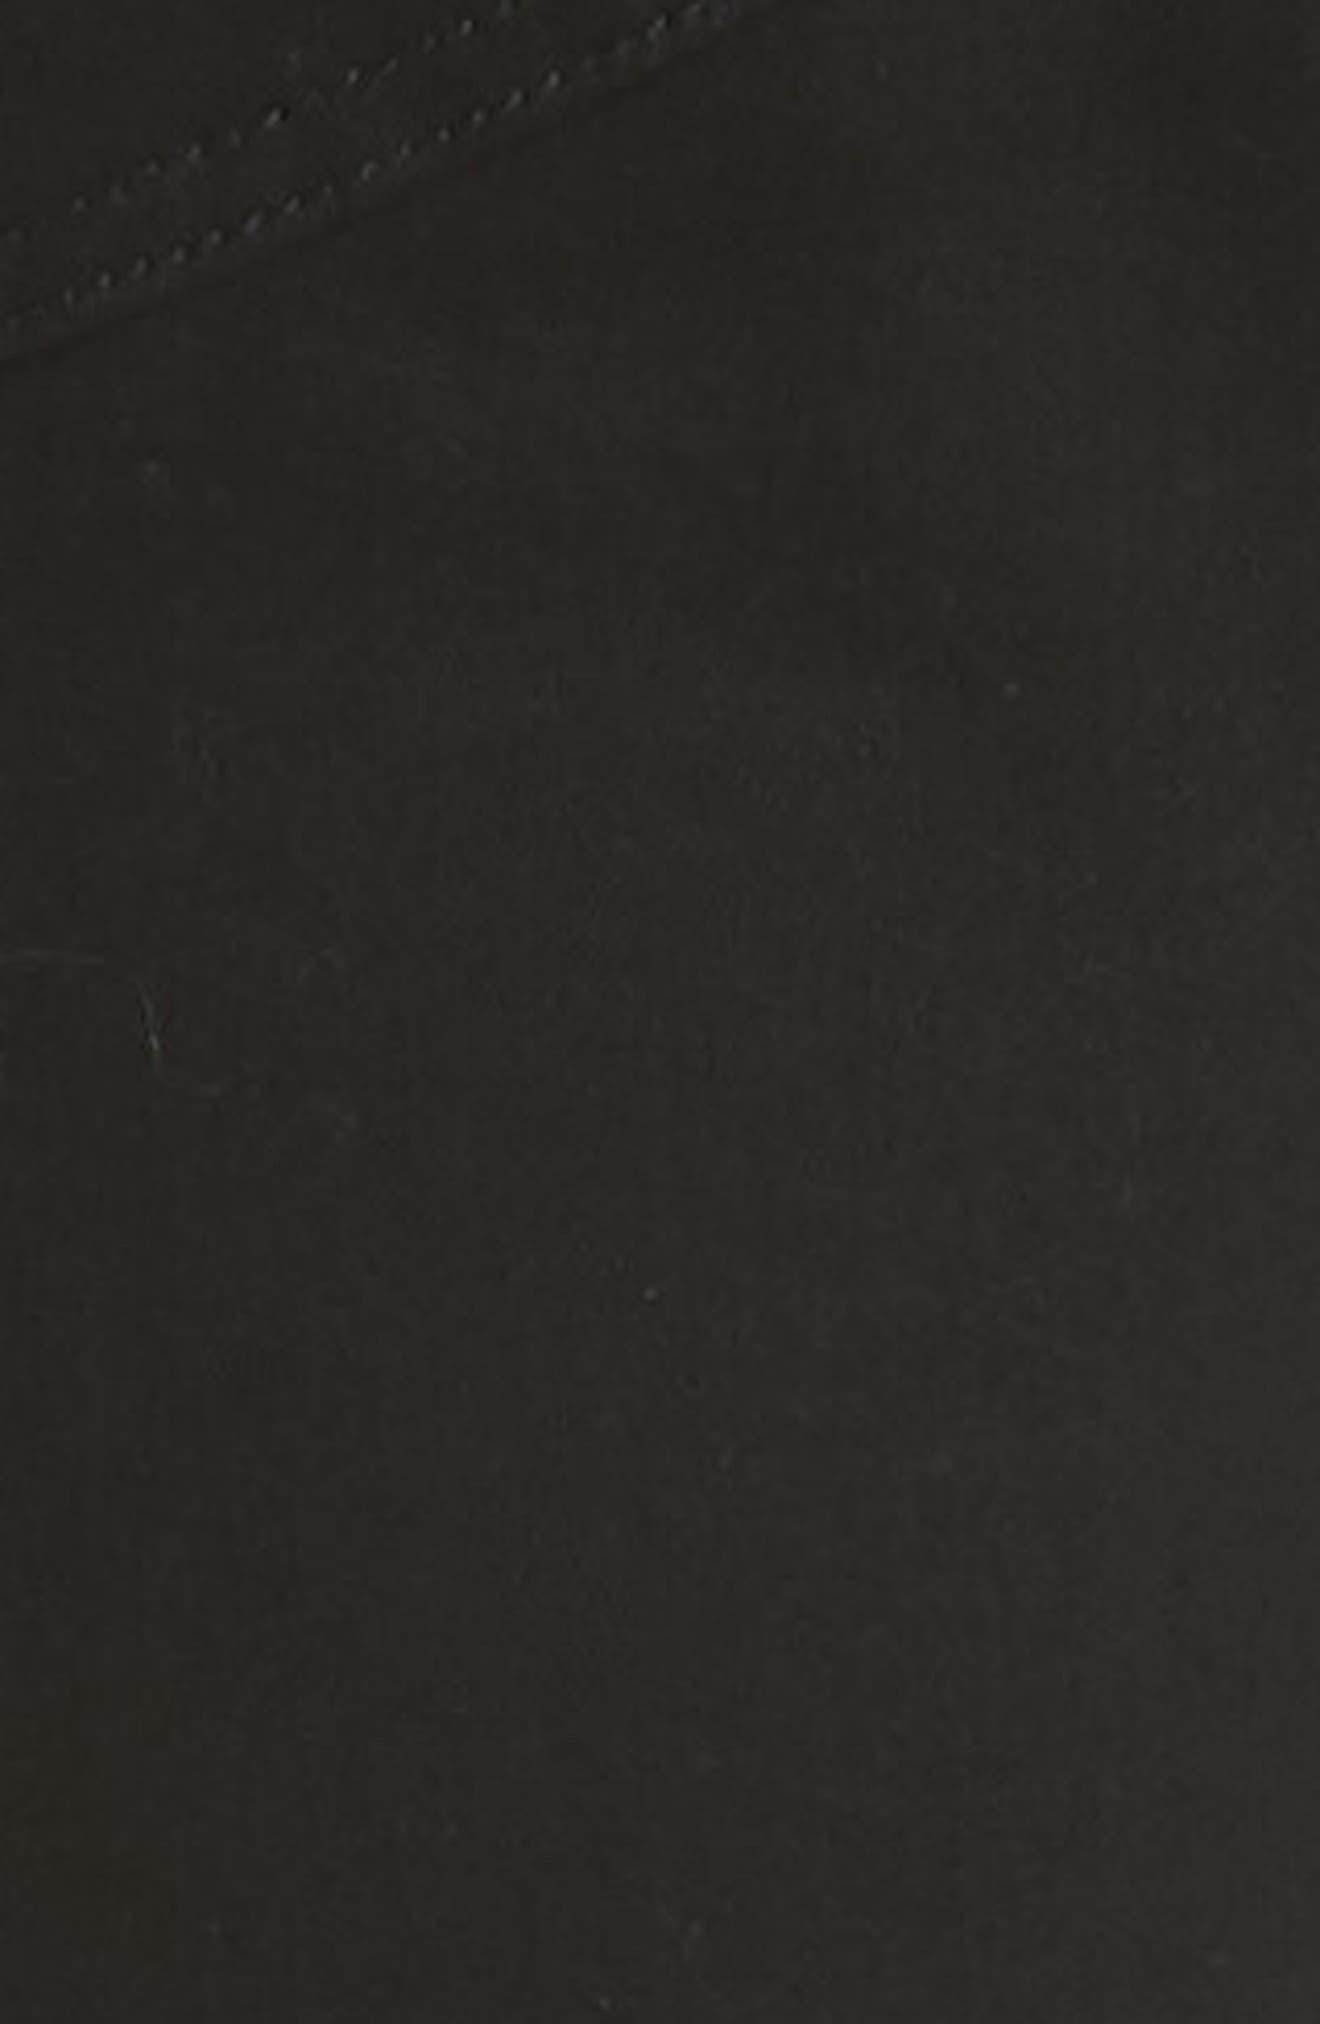 Van Winkle Black Rebel Skinny Fit Jeans,                             Alternate thumbnail 5, color,                             Black